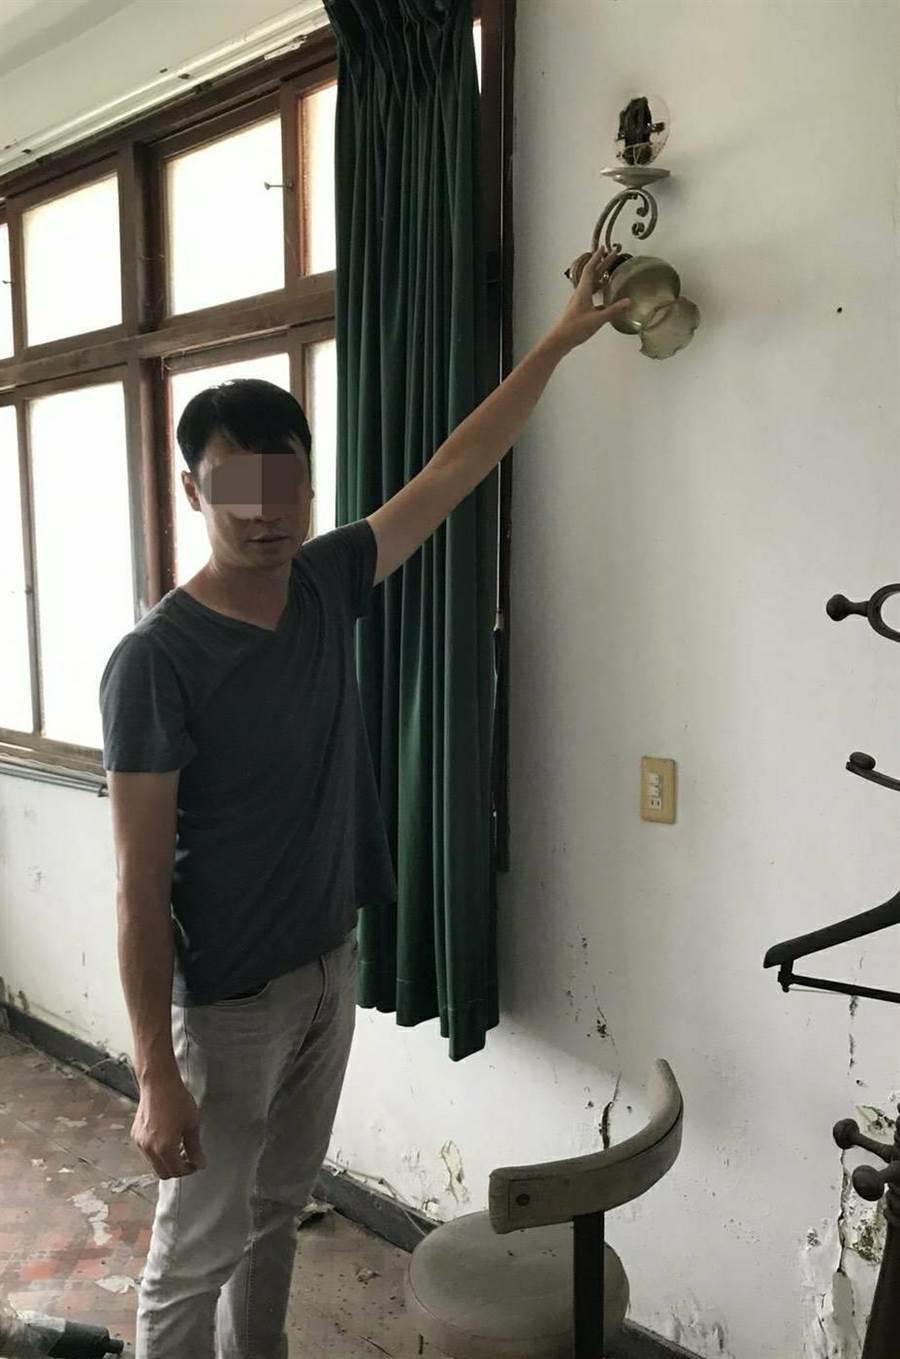 蔡姓嫌犯在台南市區經營古物商行,竟兼差當竊賊,專挑檜木家具下手。(翻攝照片)